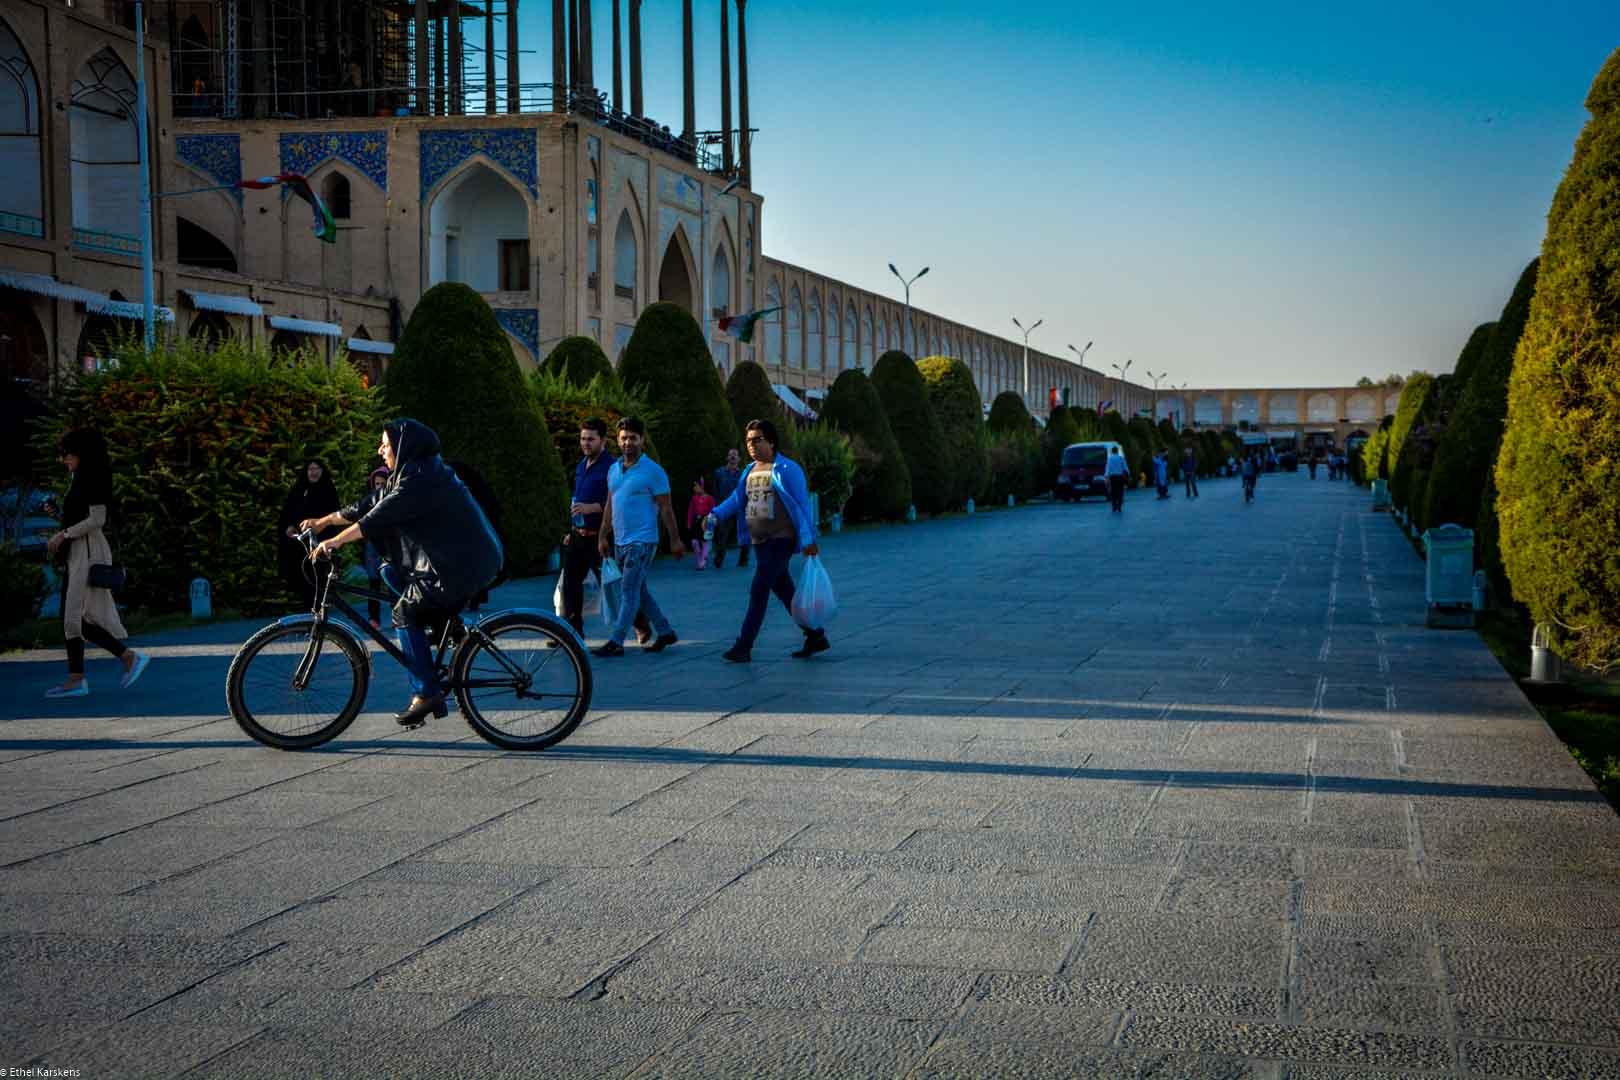 Bike and chador